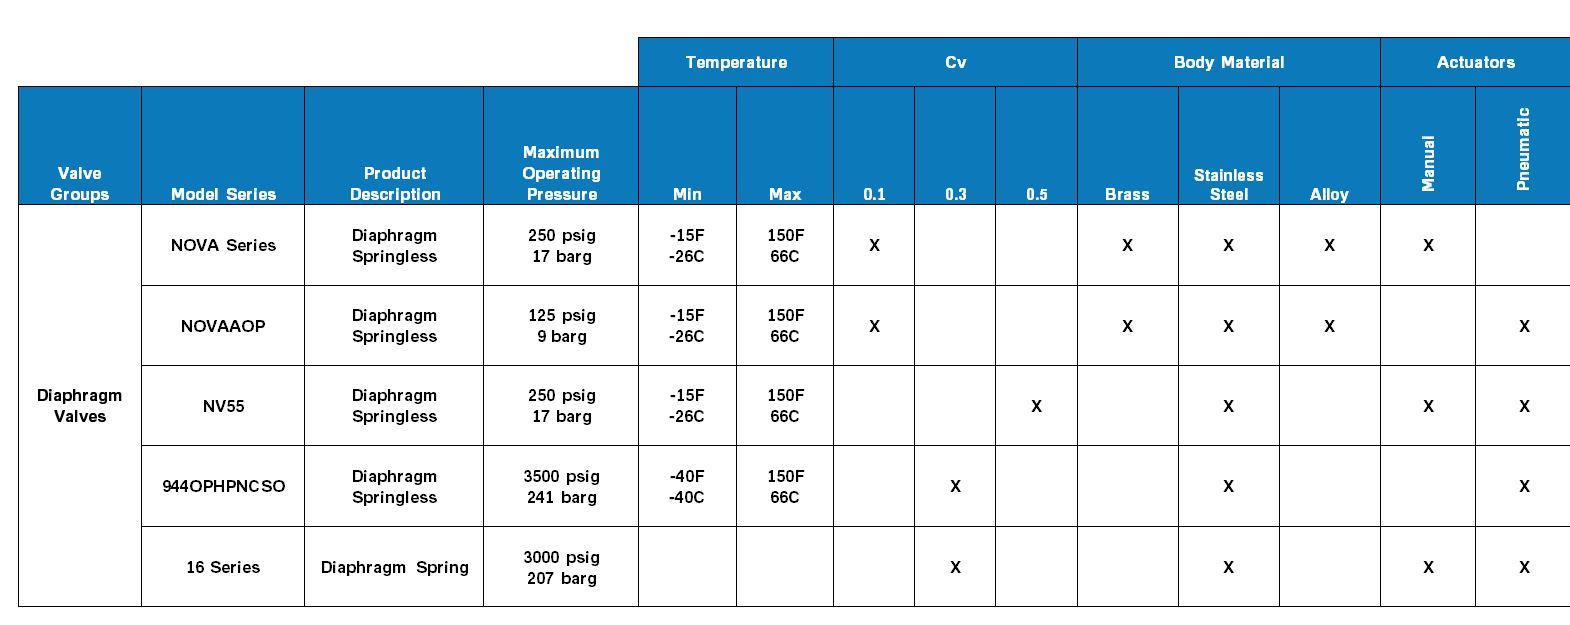 Parker Diaphragm Valves Product Comparison Chart